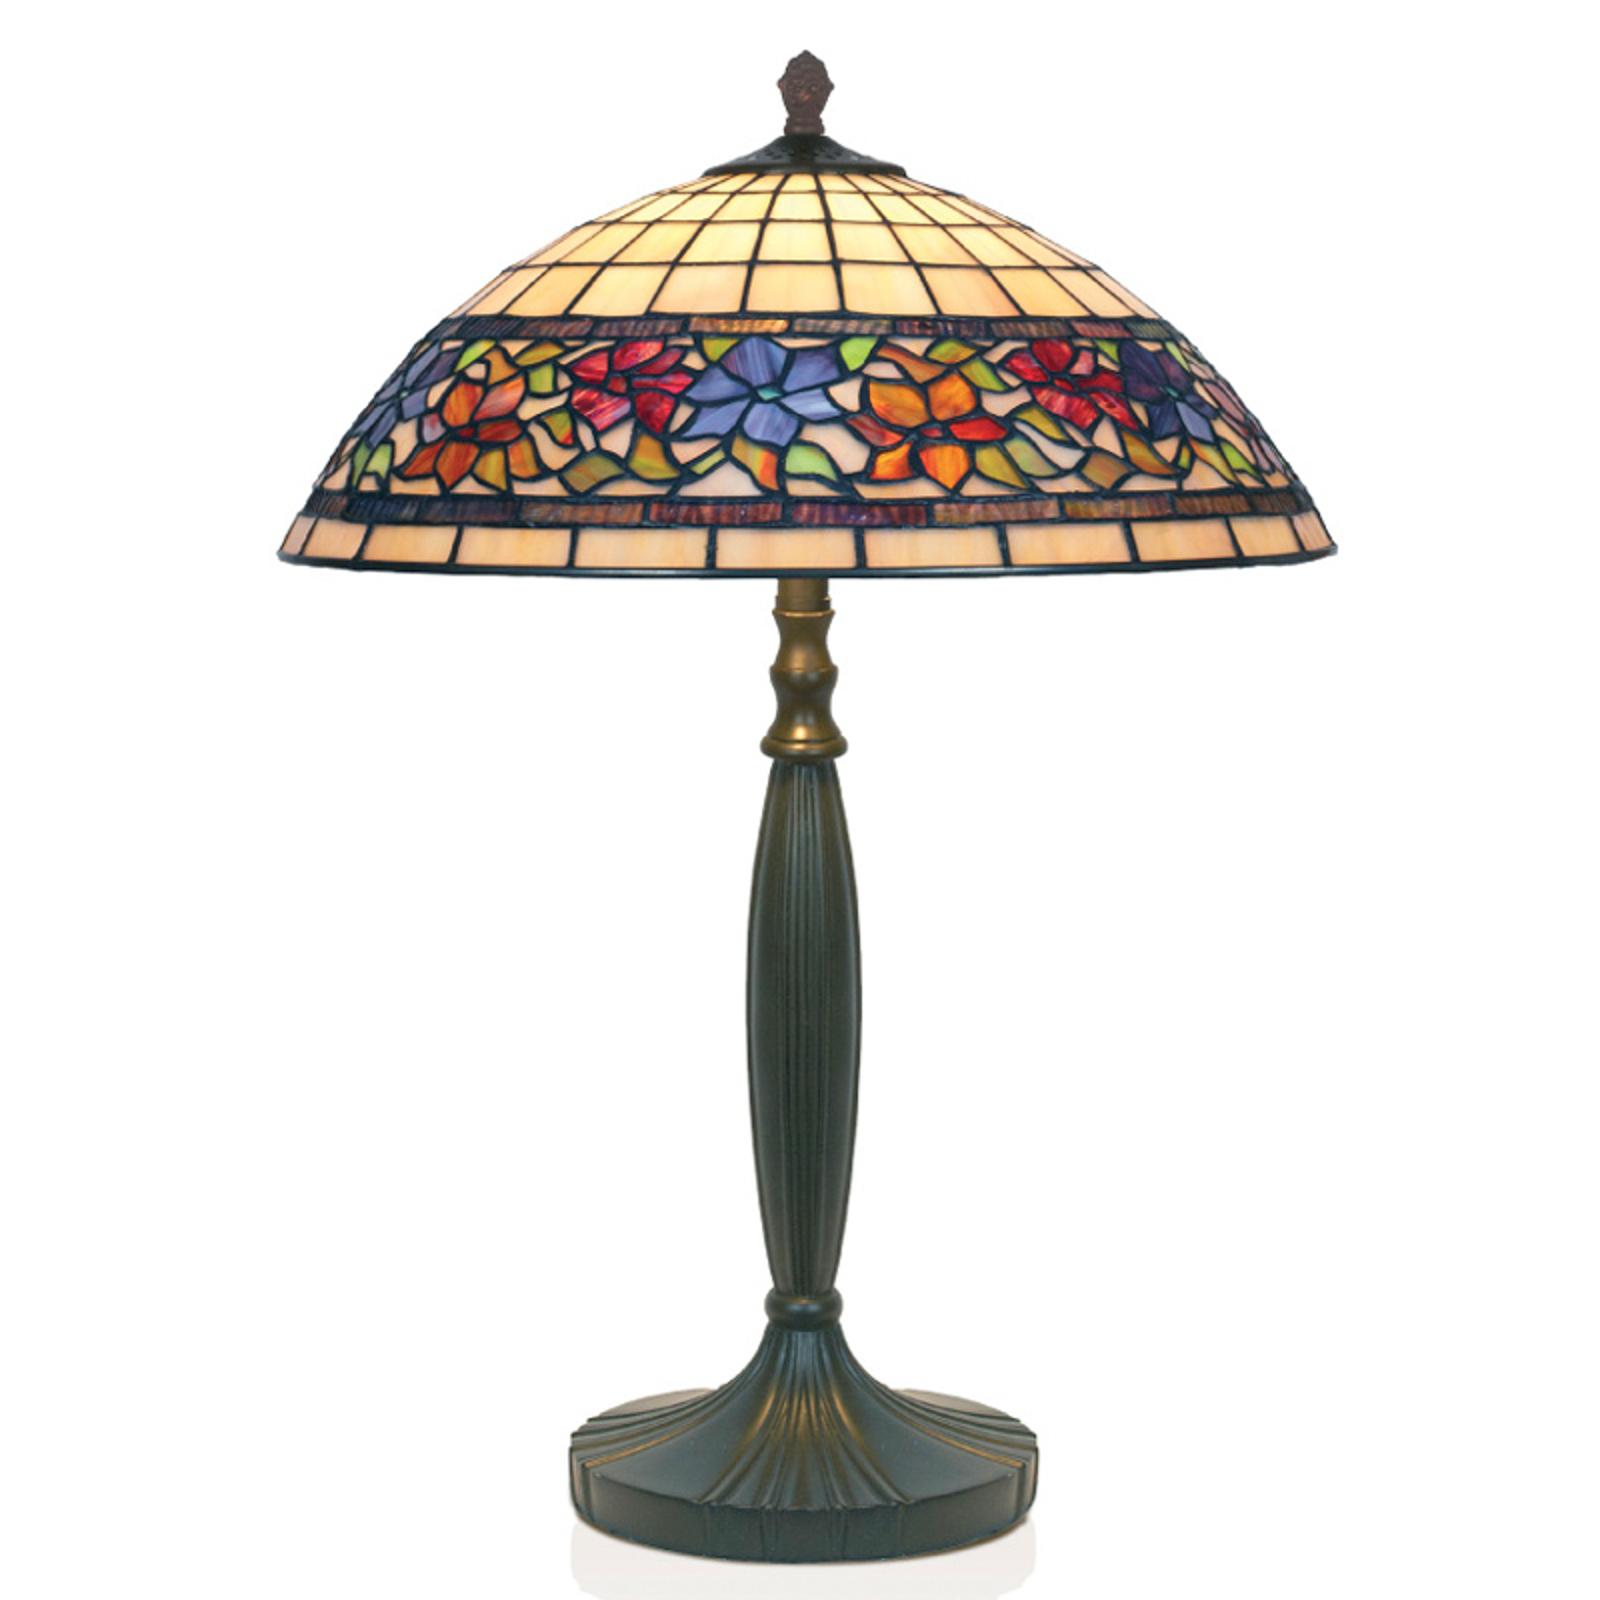 Lampa stołowa FLORA w stylu Tiffany